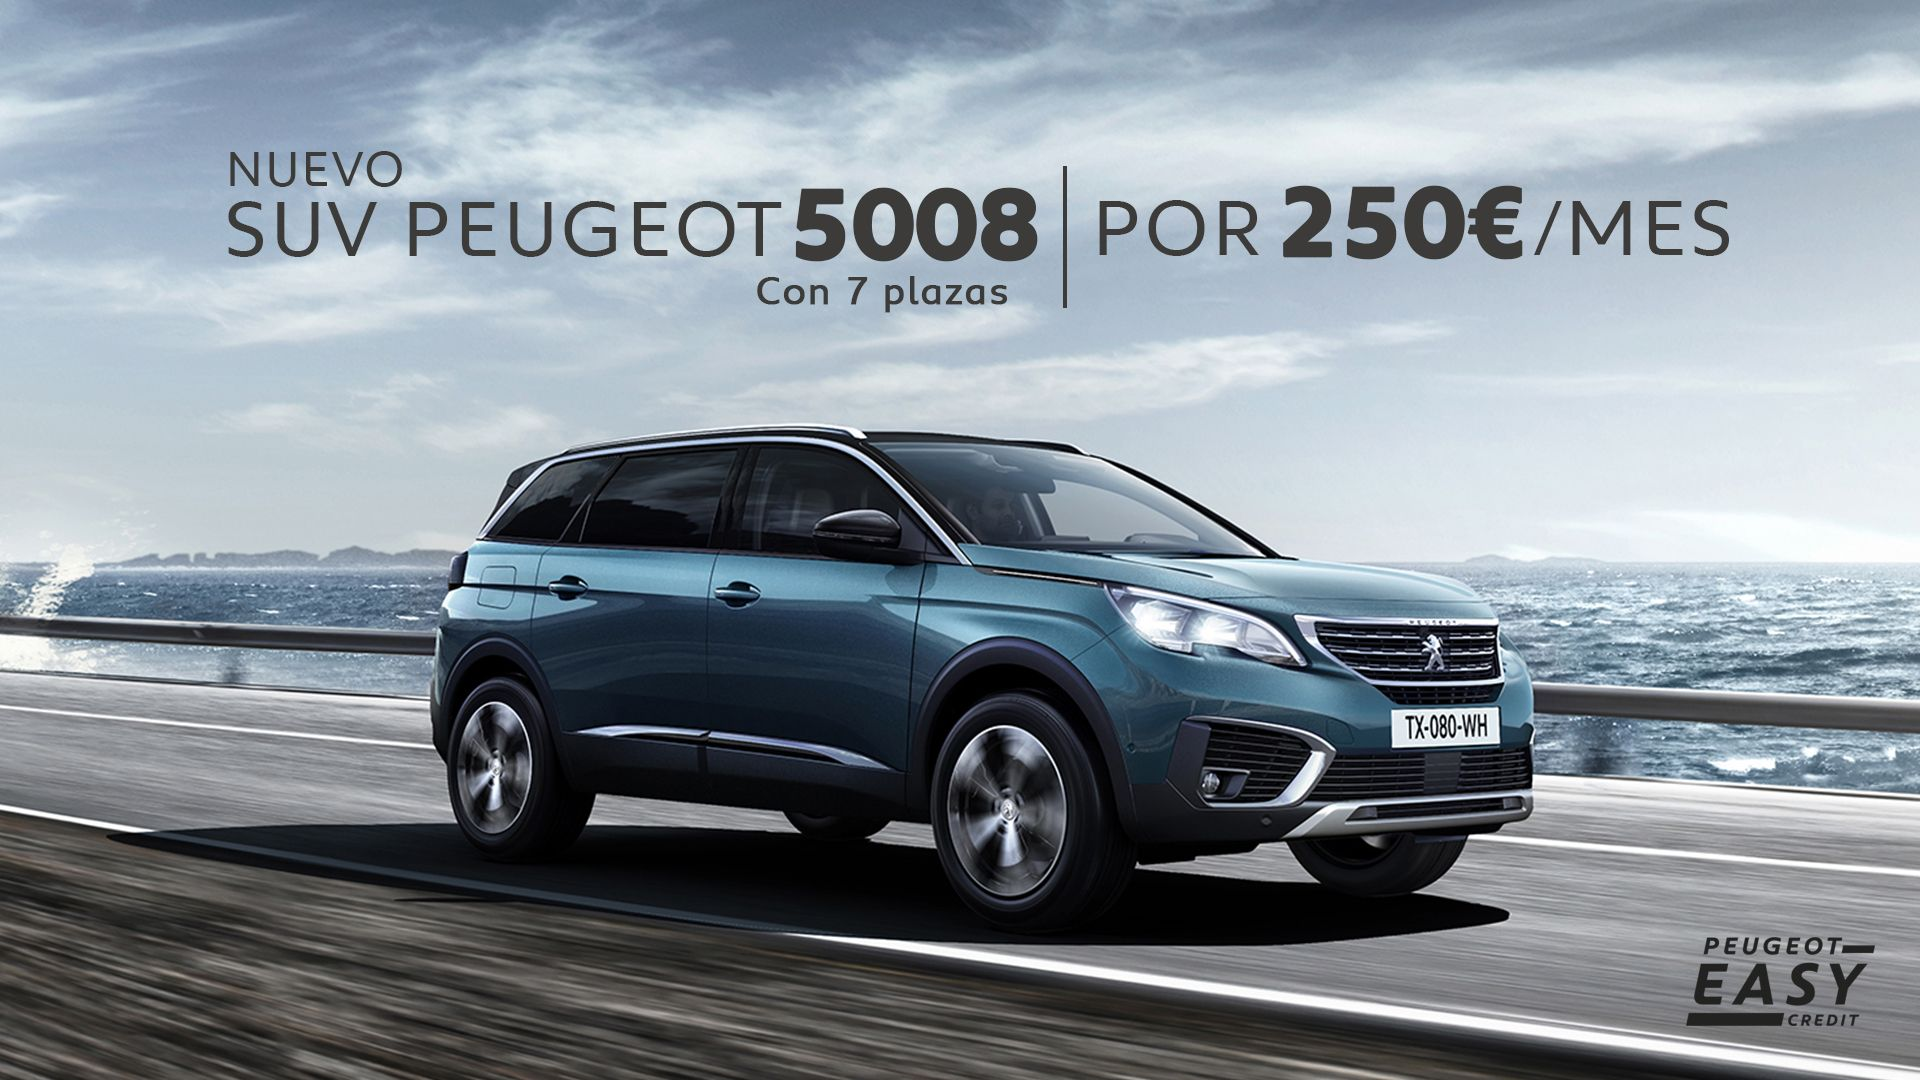 Llévate un SUV 5008 por 250€/mes con el primer mantenimiento gratis